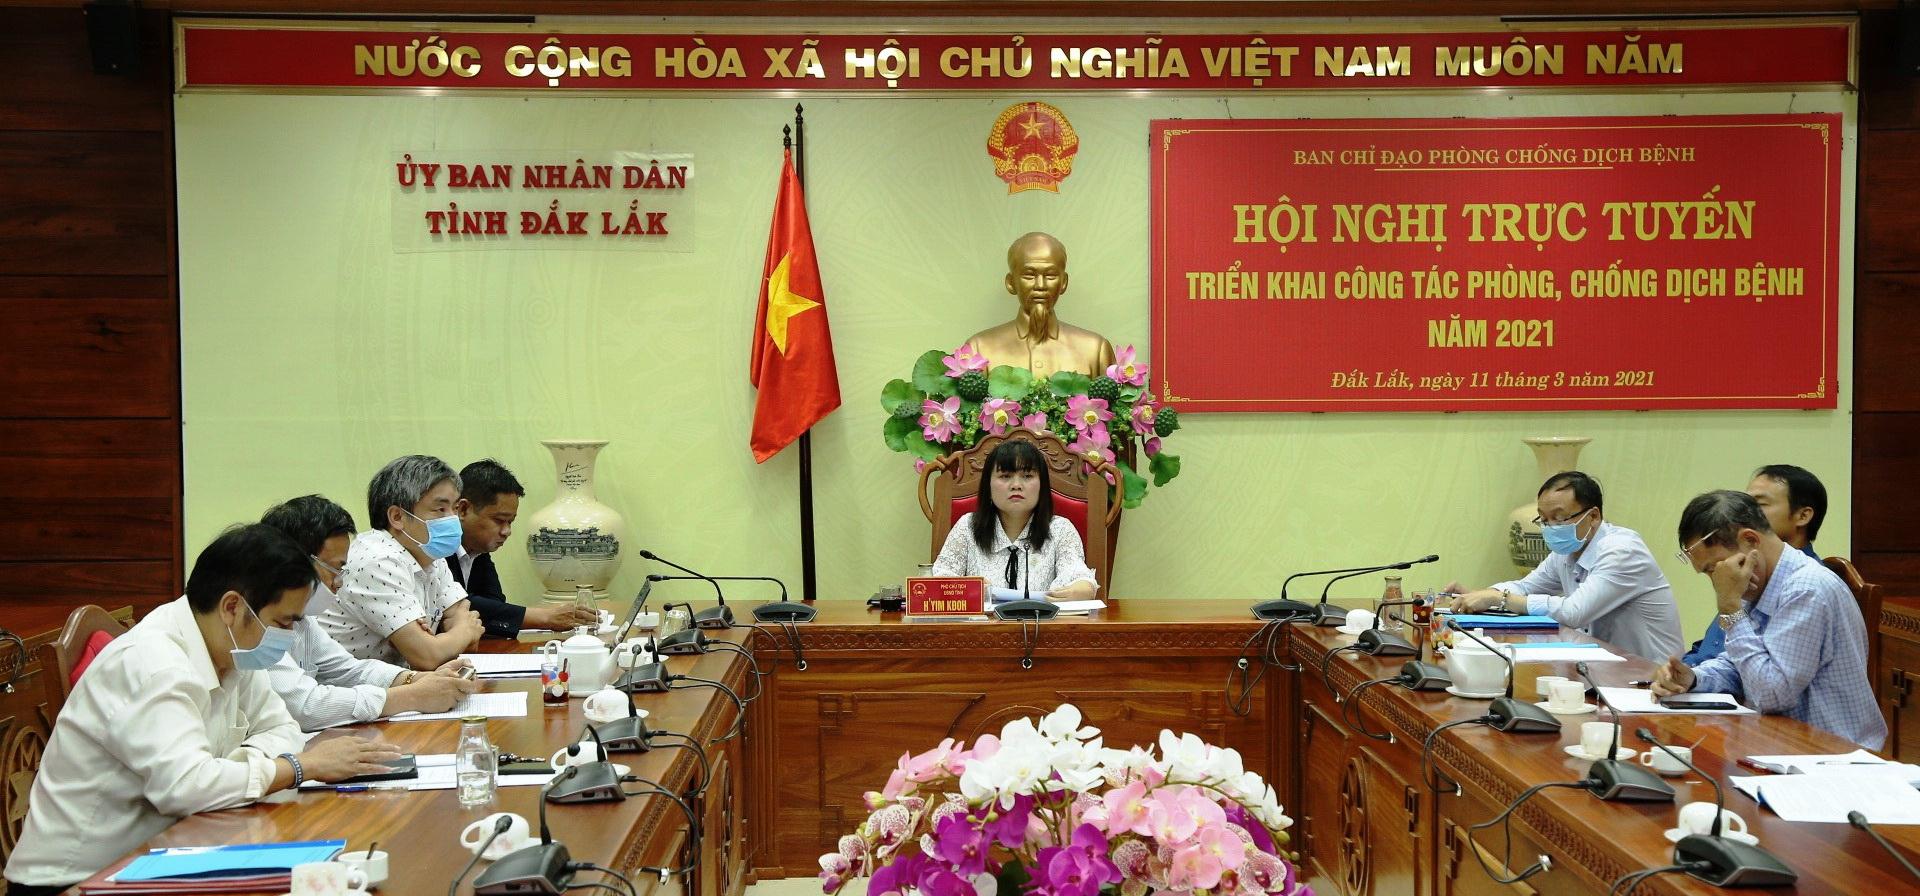 Đắk Lắk triển khai công tác phòng chống dịch bệnh năm 2021